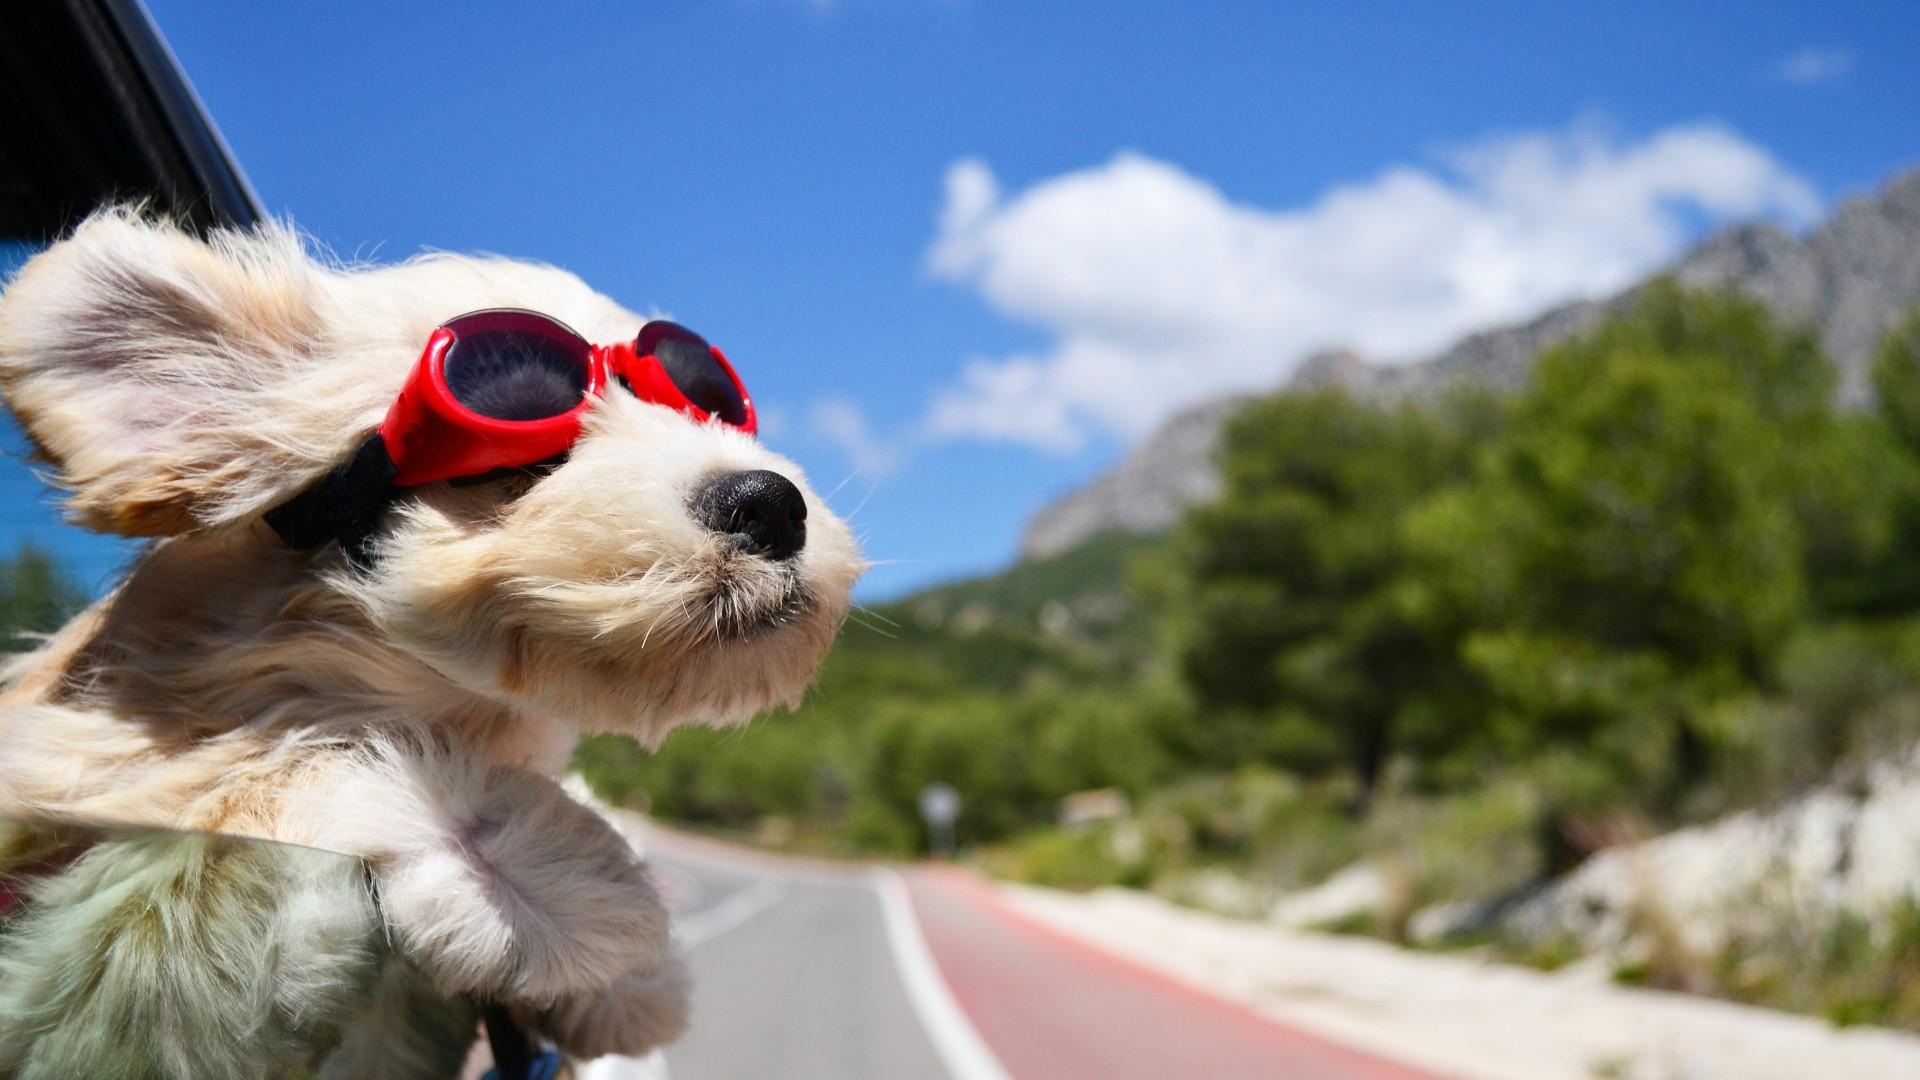 Κομμωτήριο Σκύλων Παγκράτι